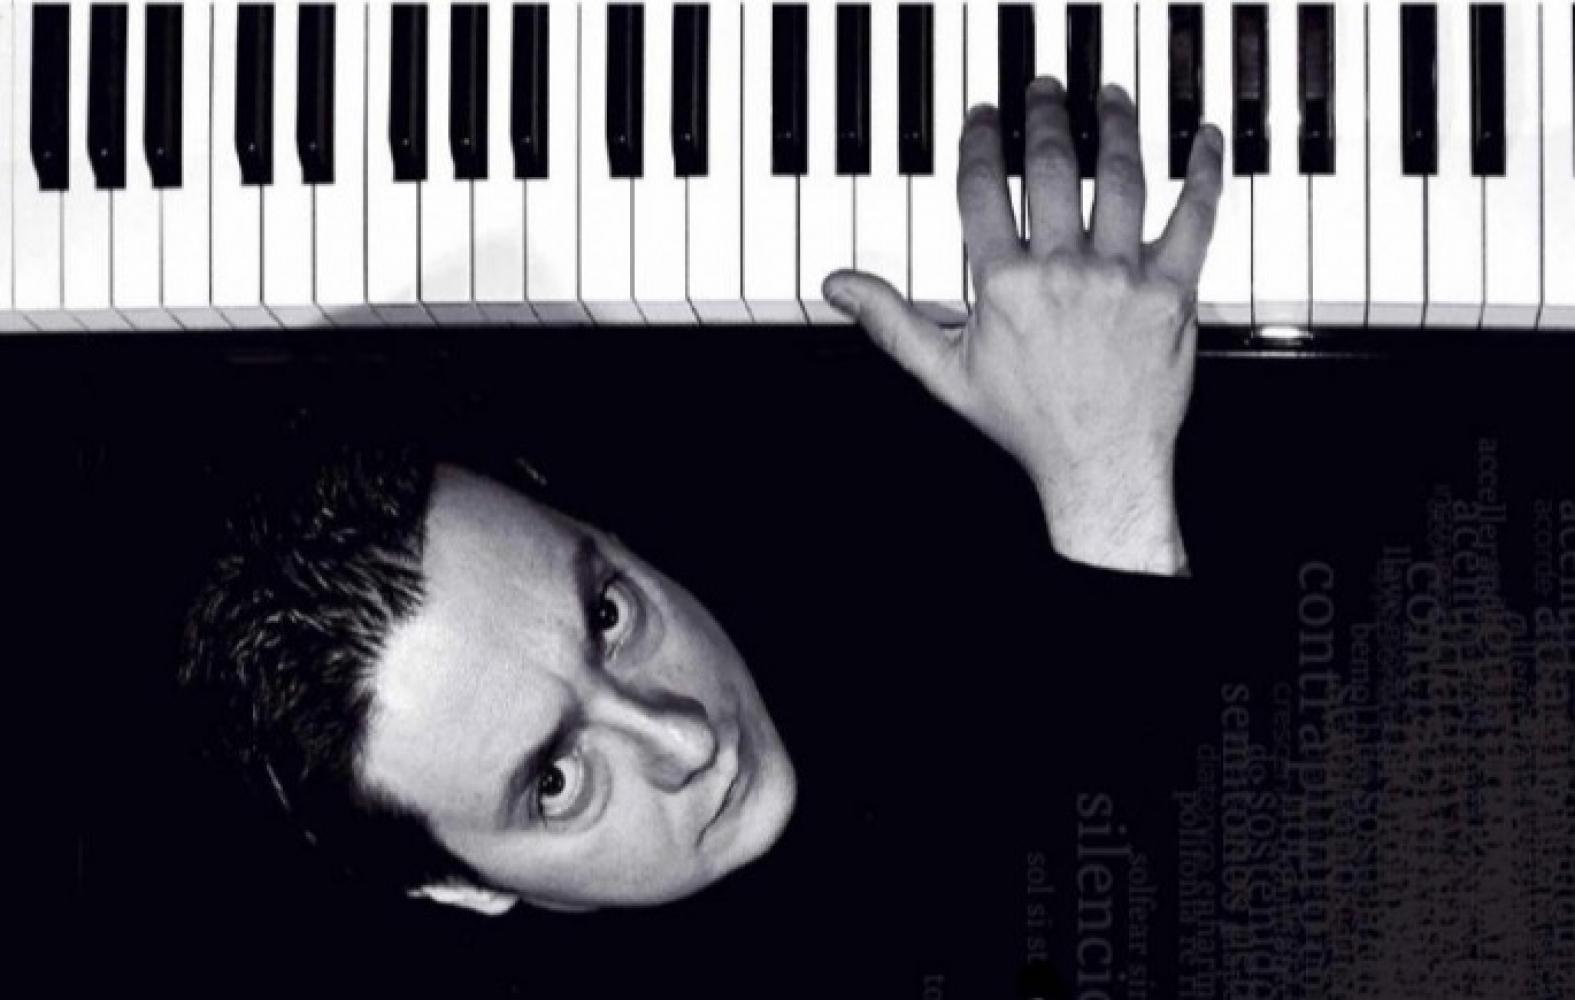 Concerto Brenno Ambrosini